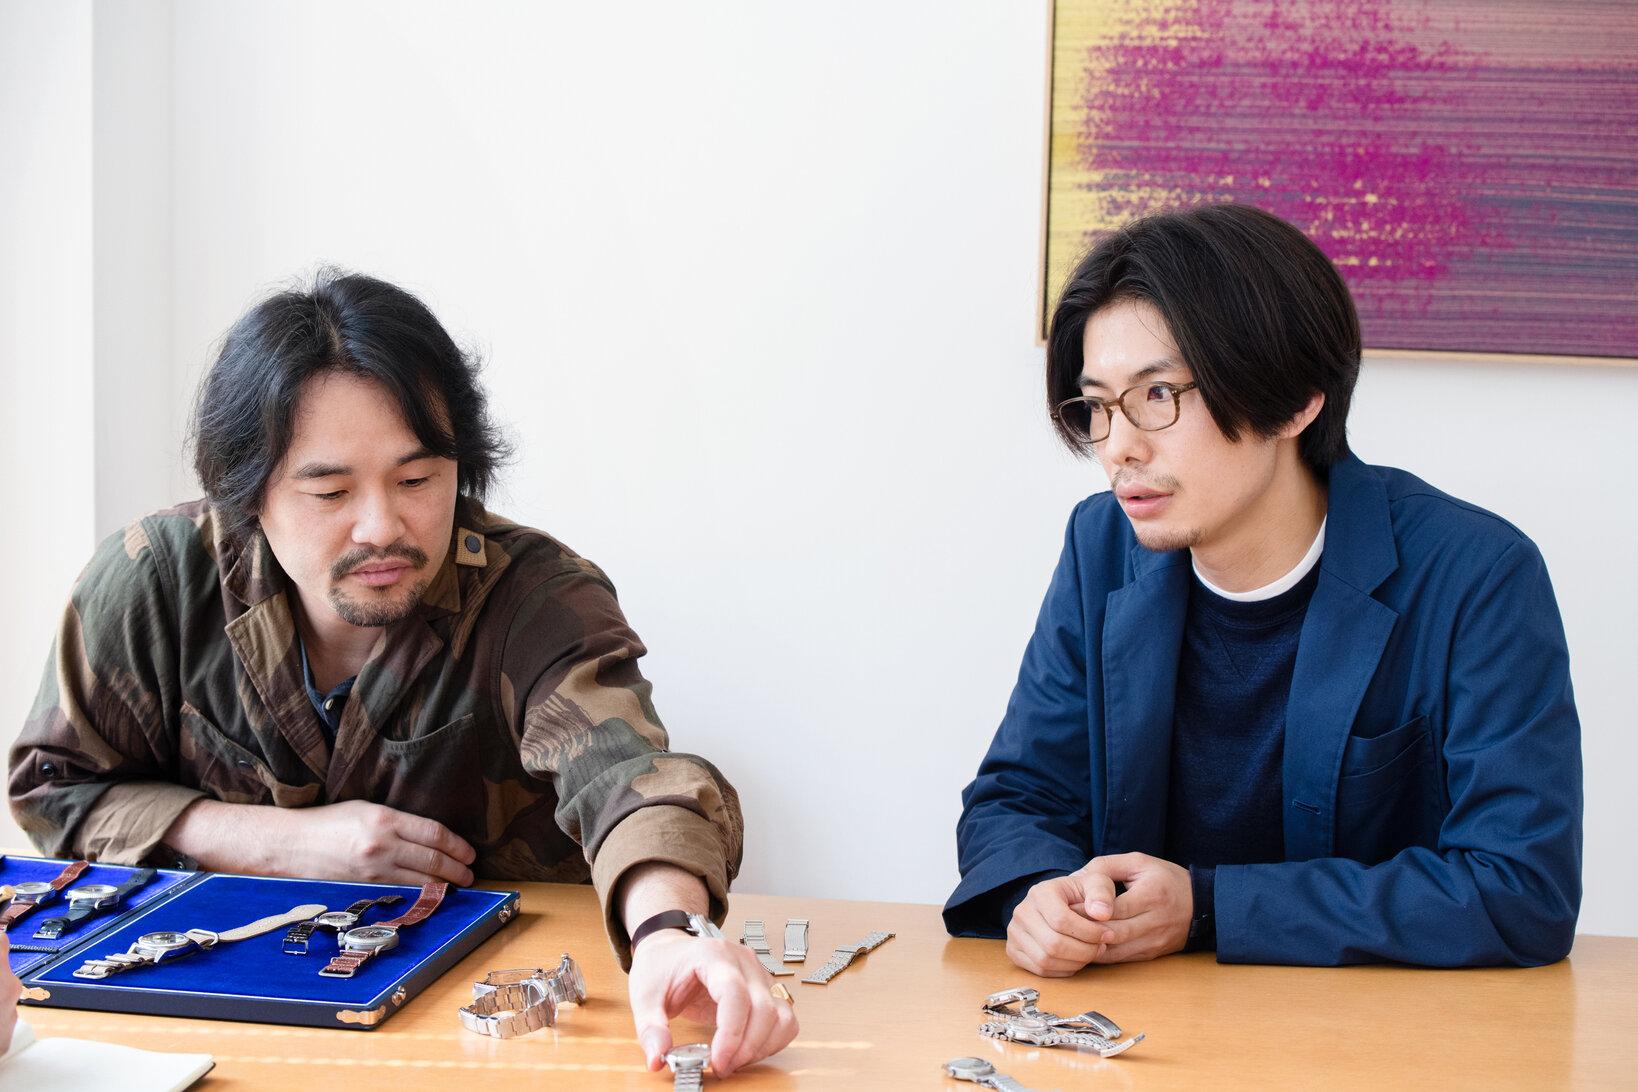 左から萩原秀樹さん、石川 智一さん。石川さんにお持ちいただいた5本の時計すべてにブレスレットがついています。